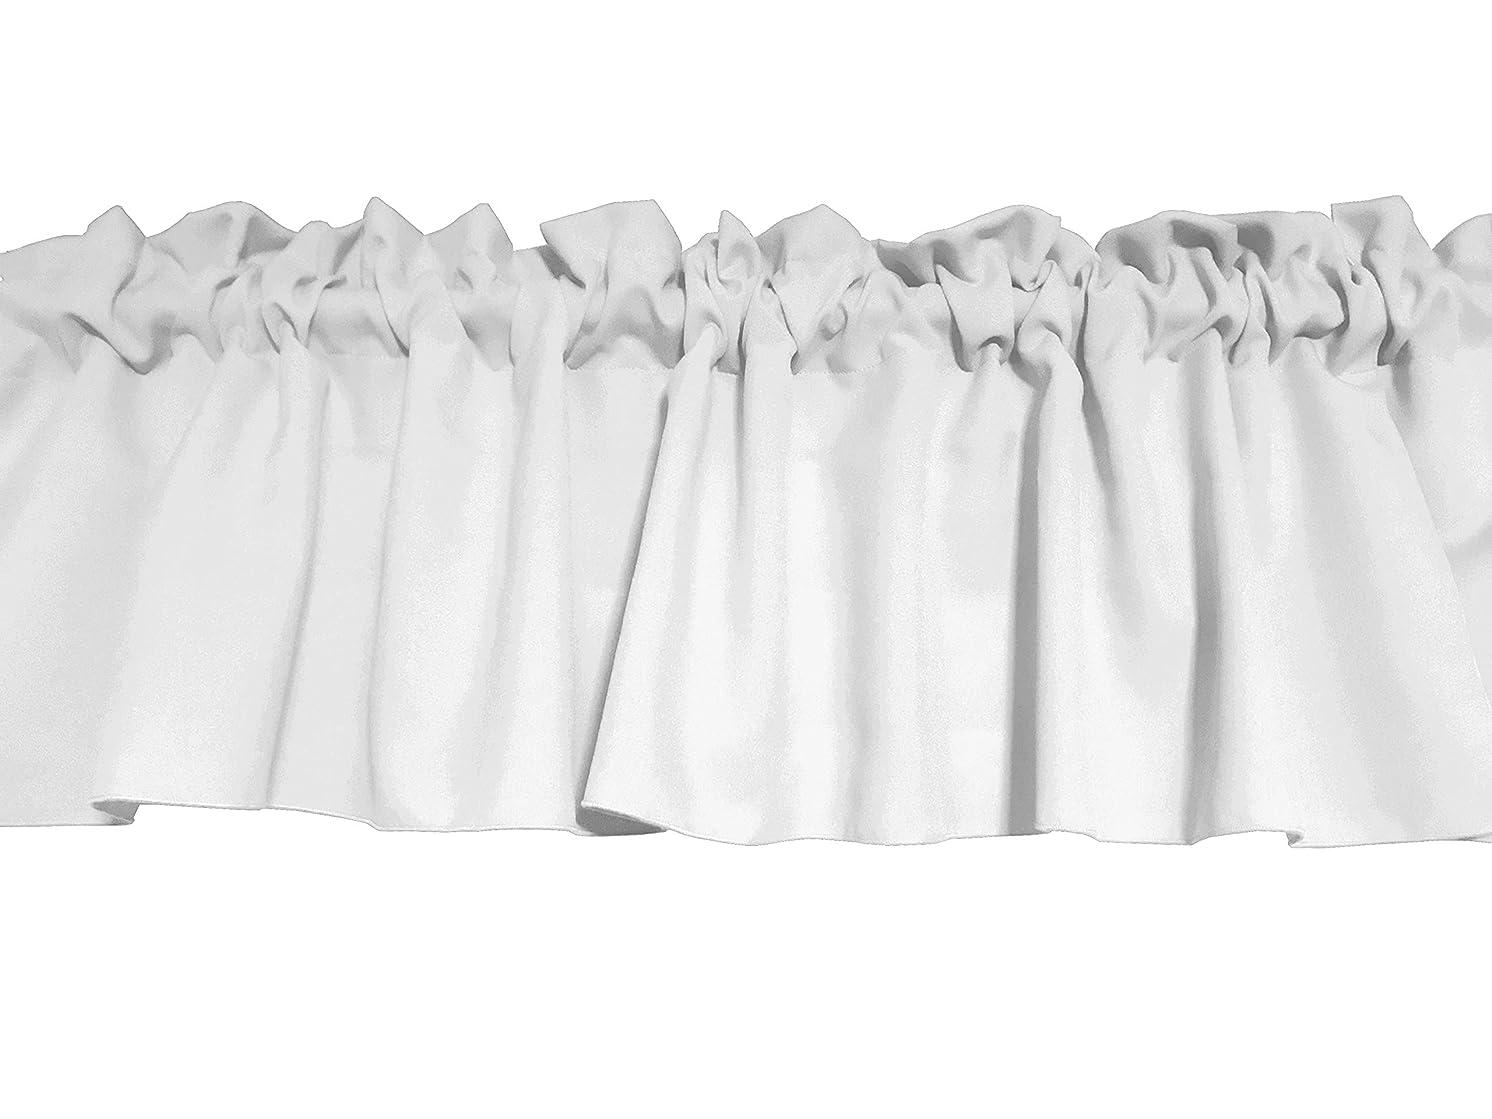 Zen Creative Designs Solid White Poplin Window Valance 58 Inch Wide (16